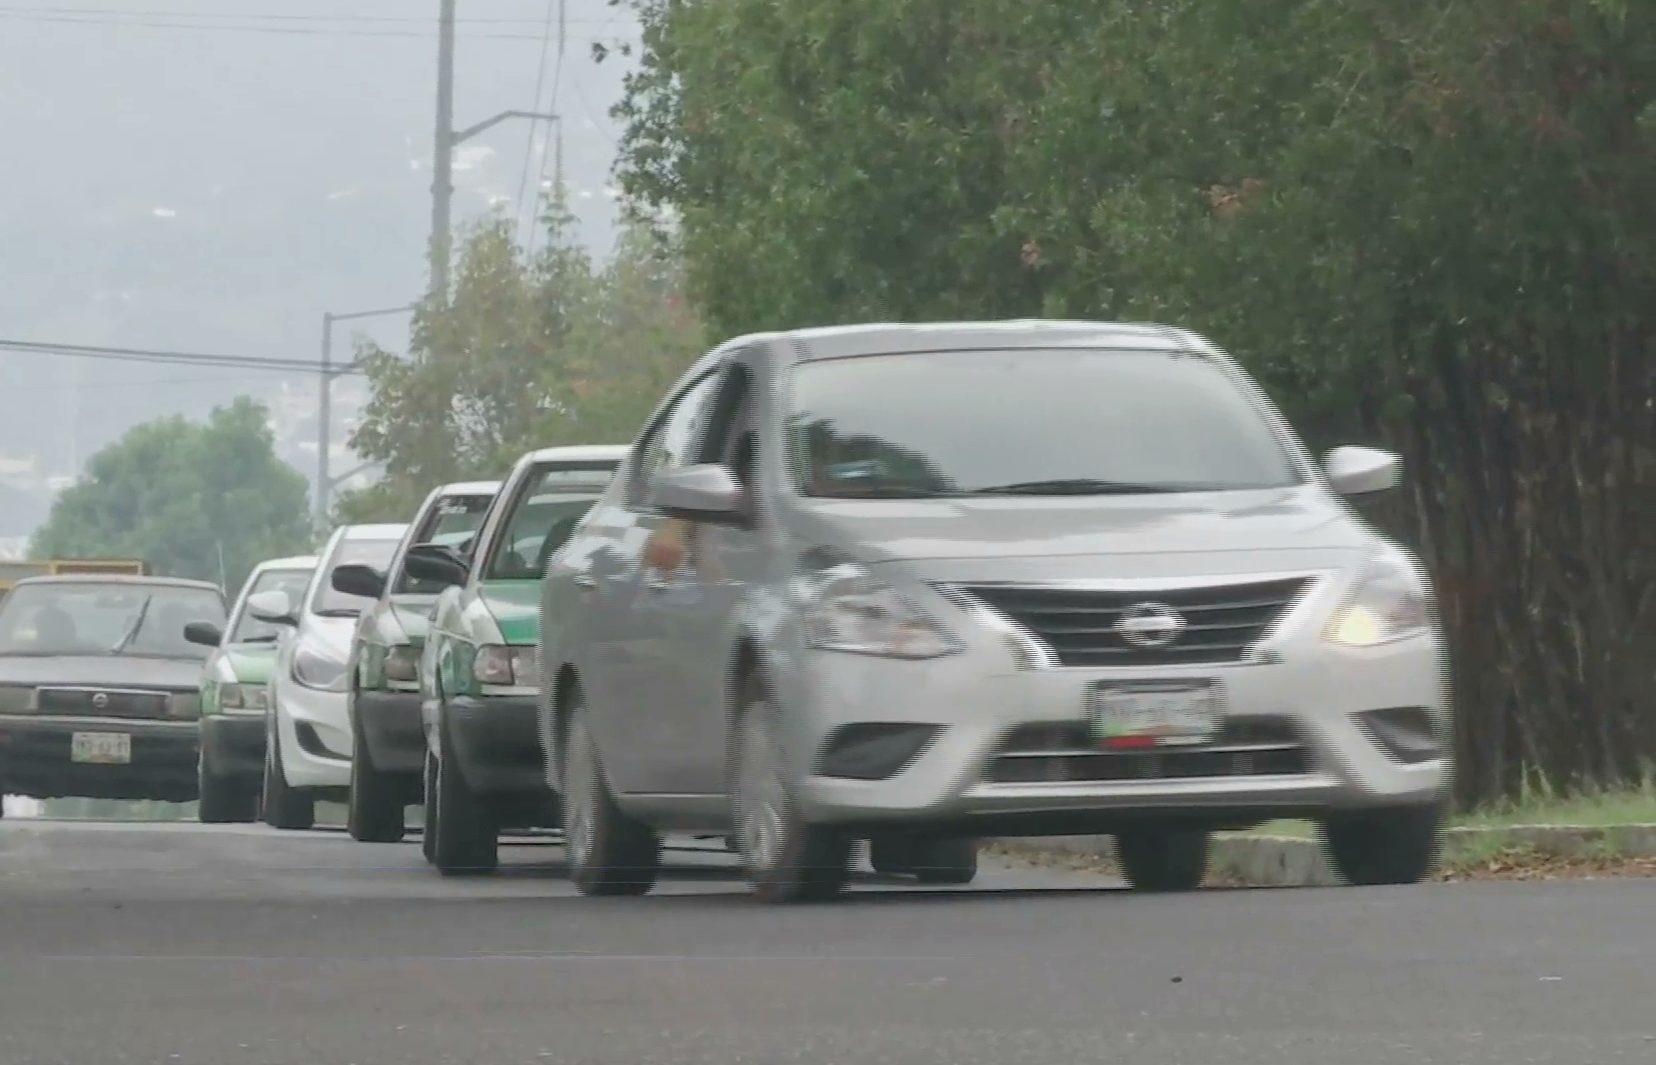 Condonación Veracruz, oportunidad para quienes no han pagado tenencia o derechos vehiculares